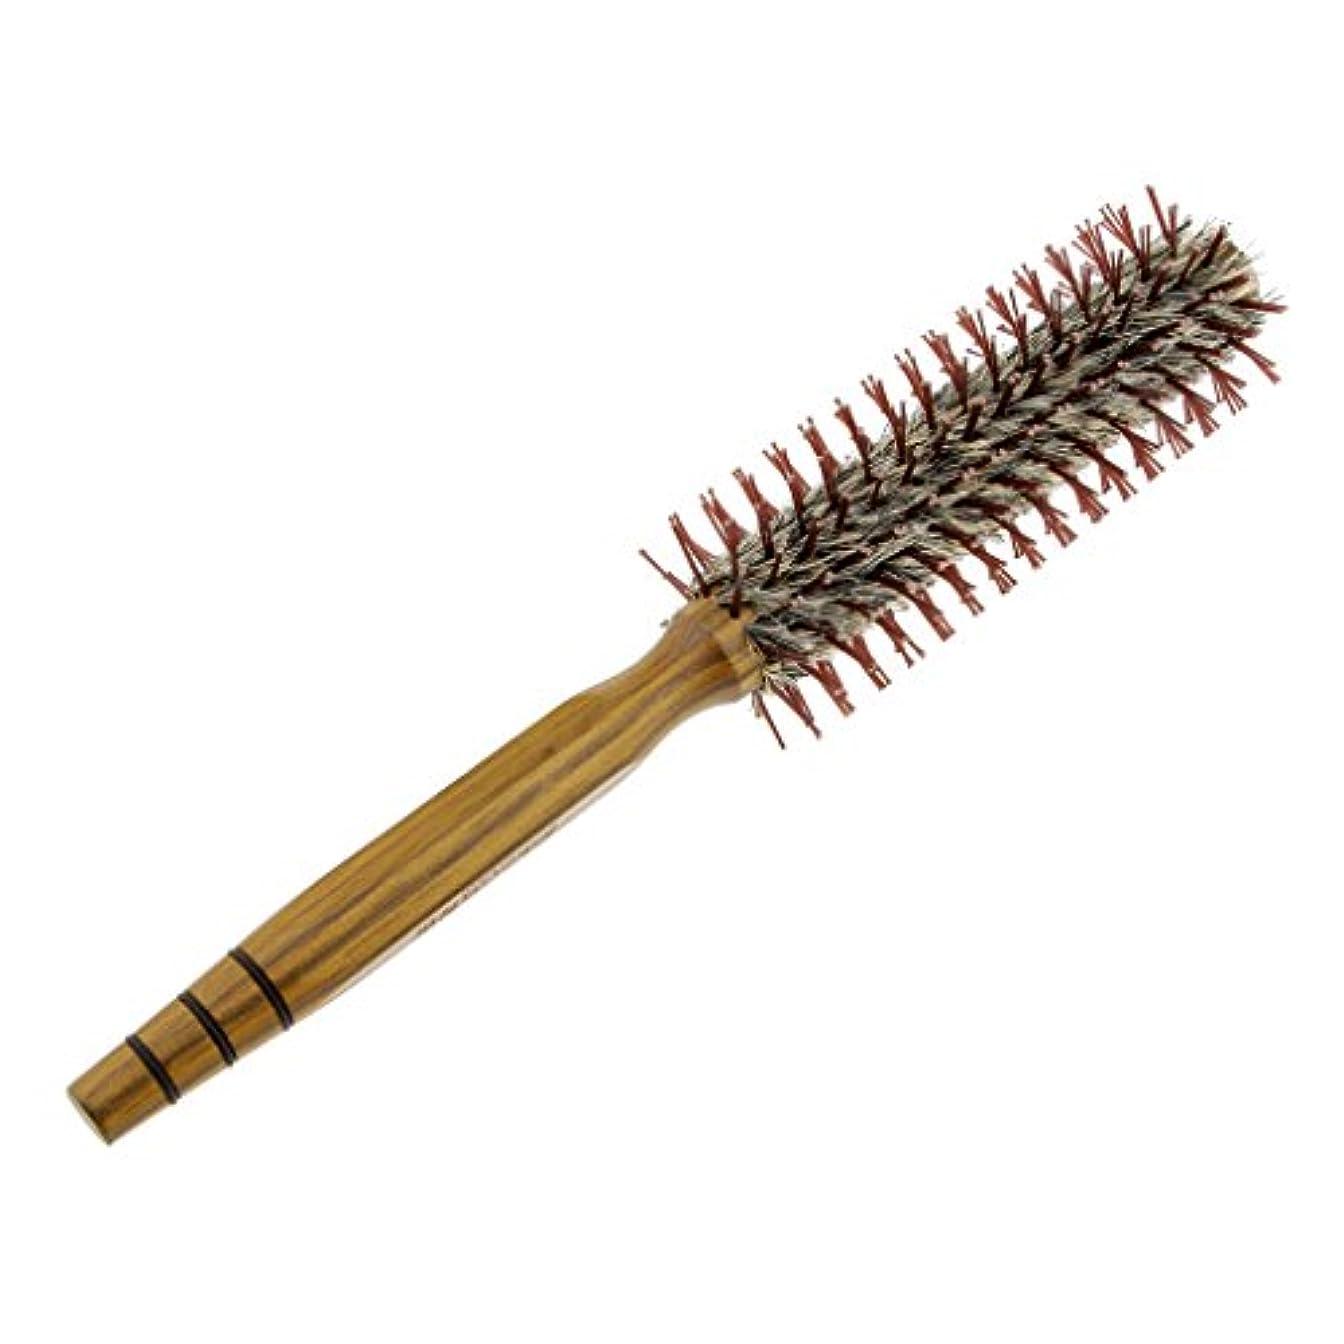 仕立て屋機転ワークショップドレッシングの巻き毛のイノシシのブラシの櫛を様式化する木の円形のヘアブラシの大広間 - M